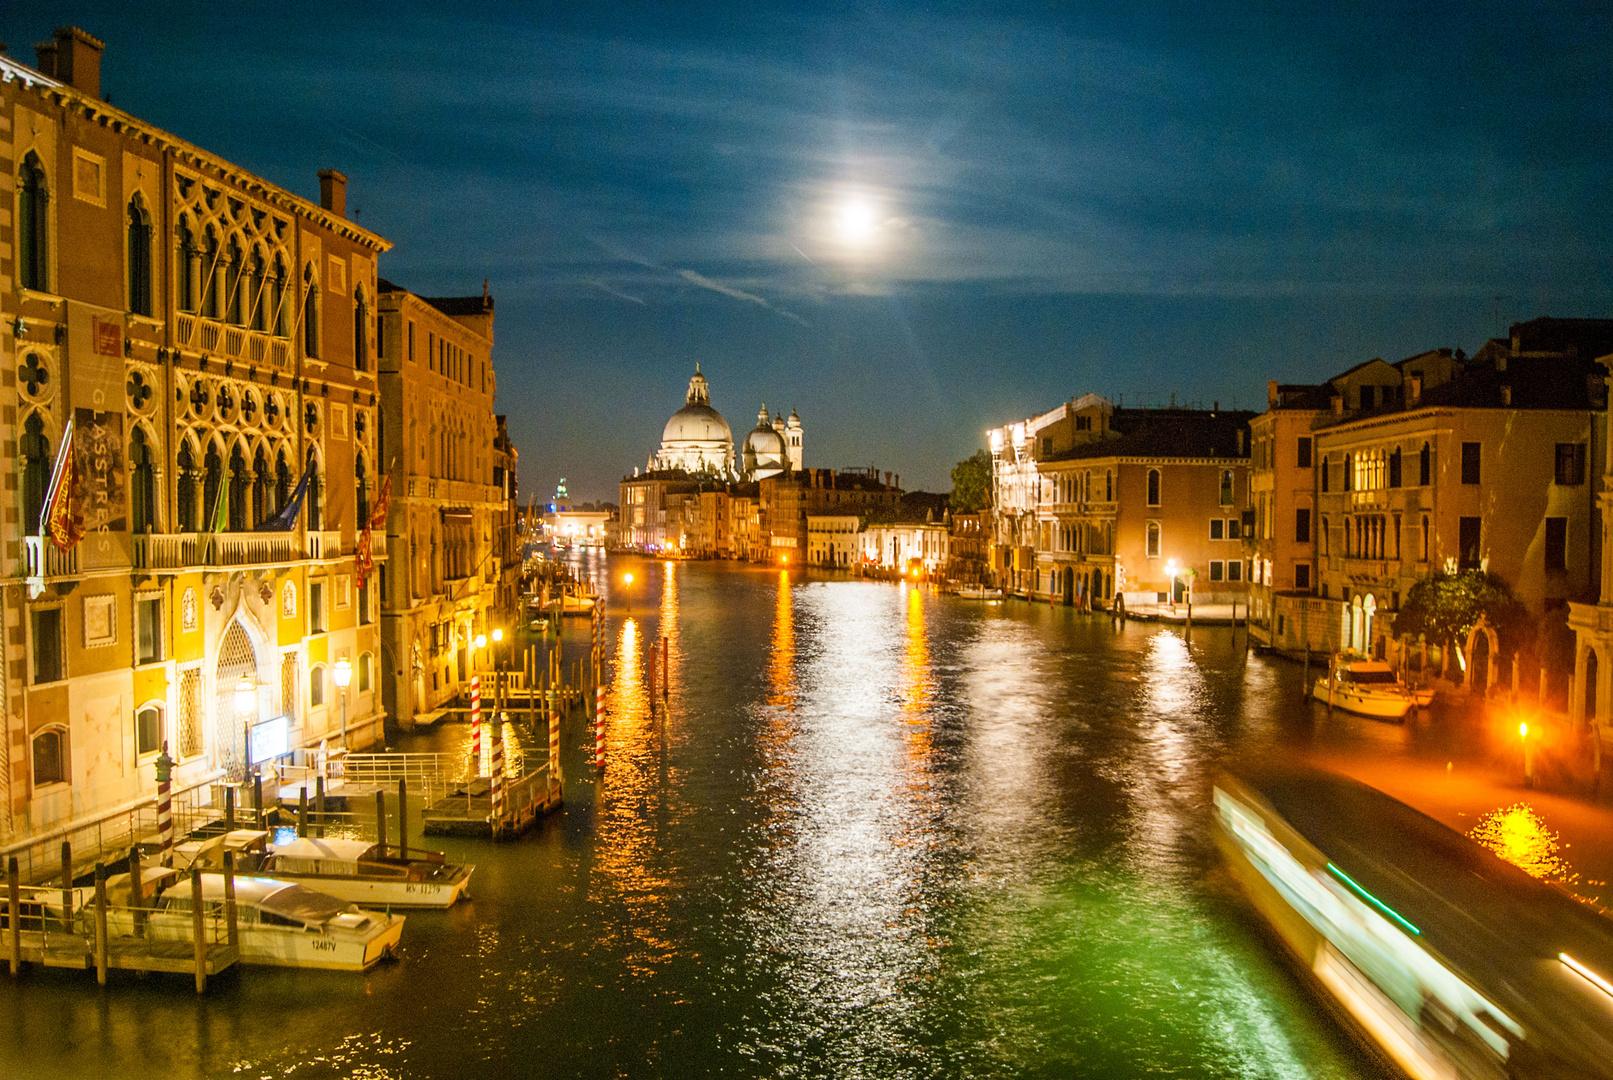 Canal Grande bei Nacht von der Ponte dell' Accademia